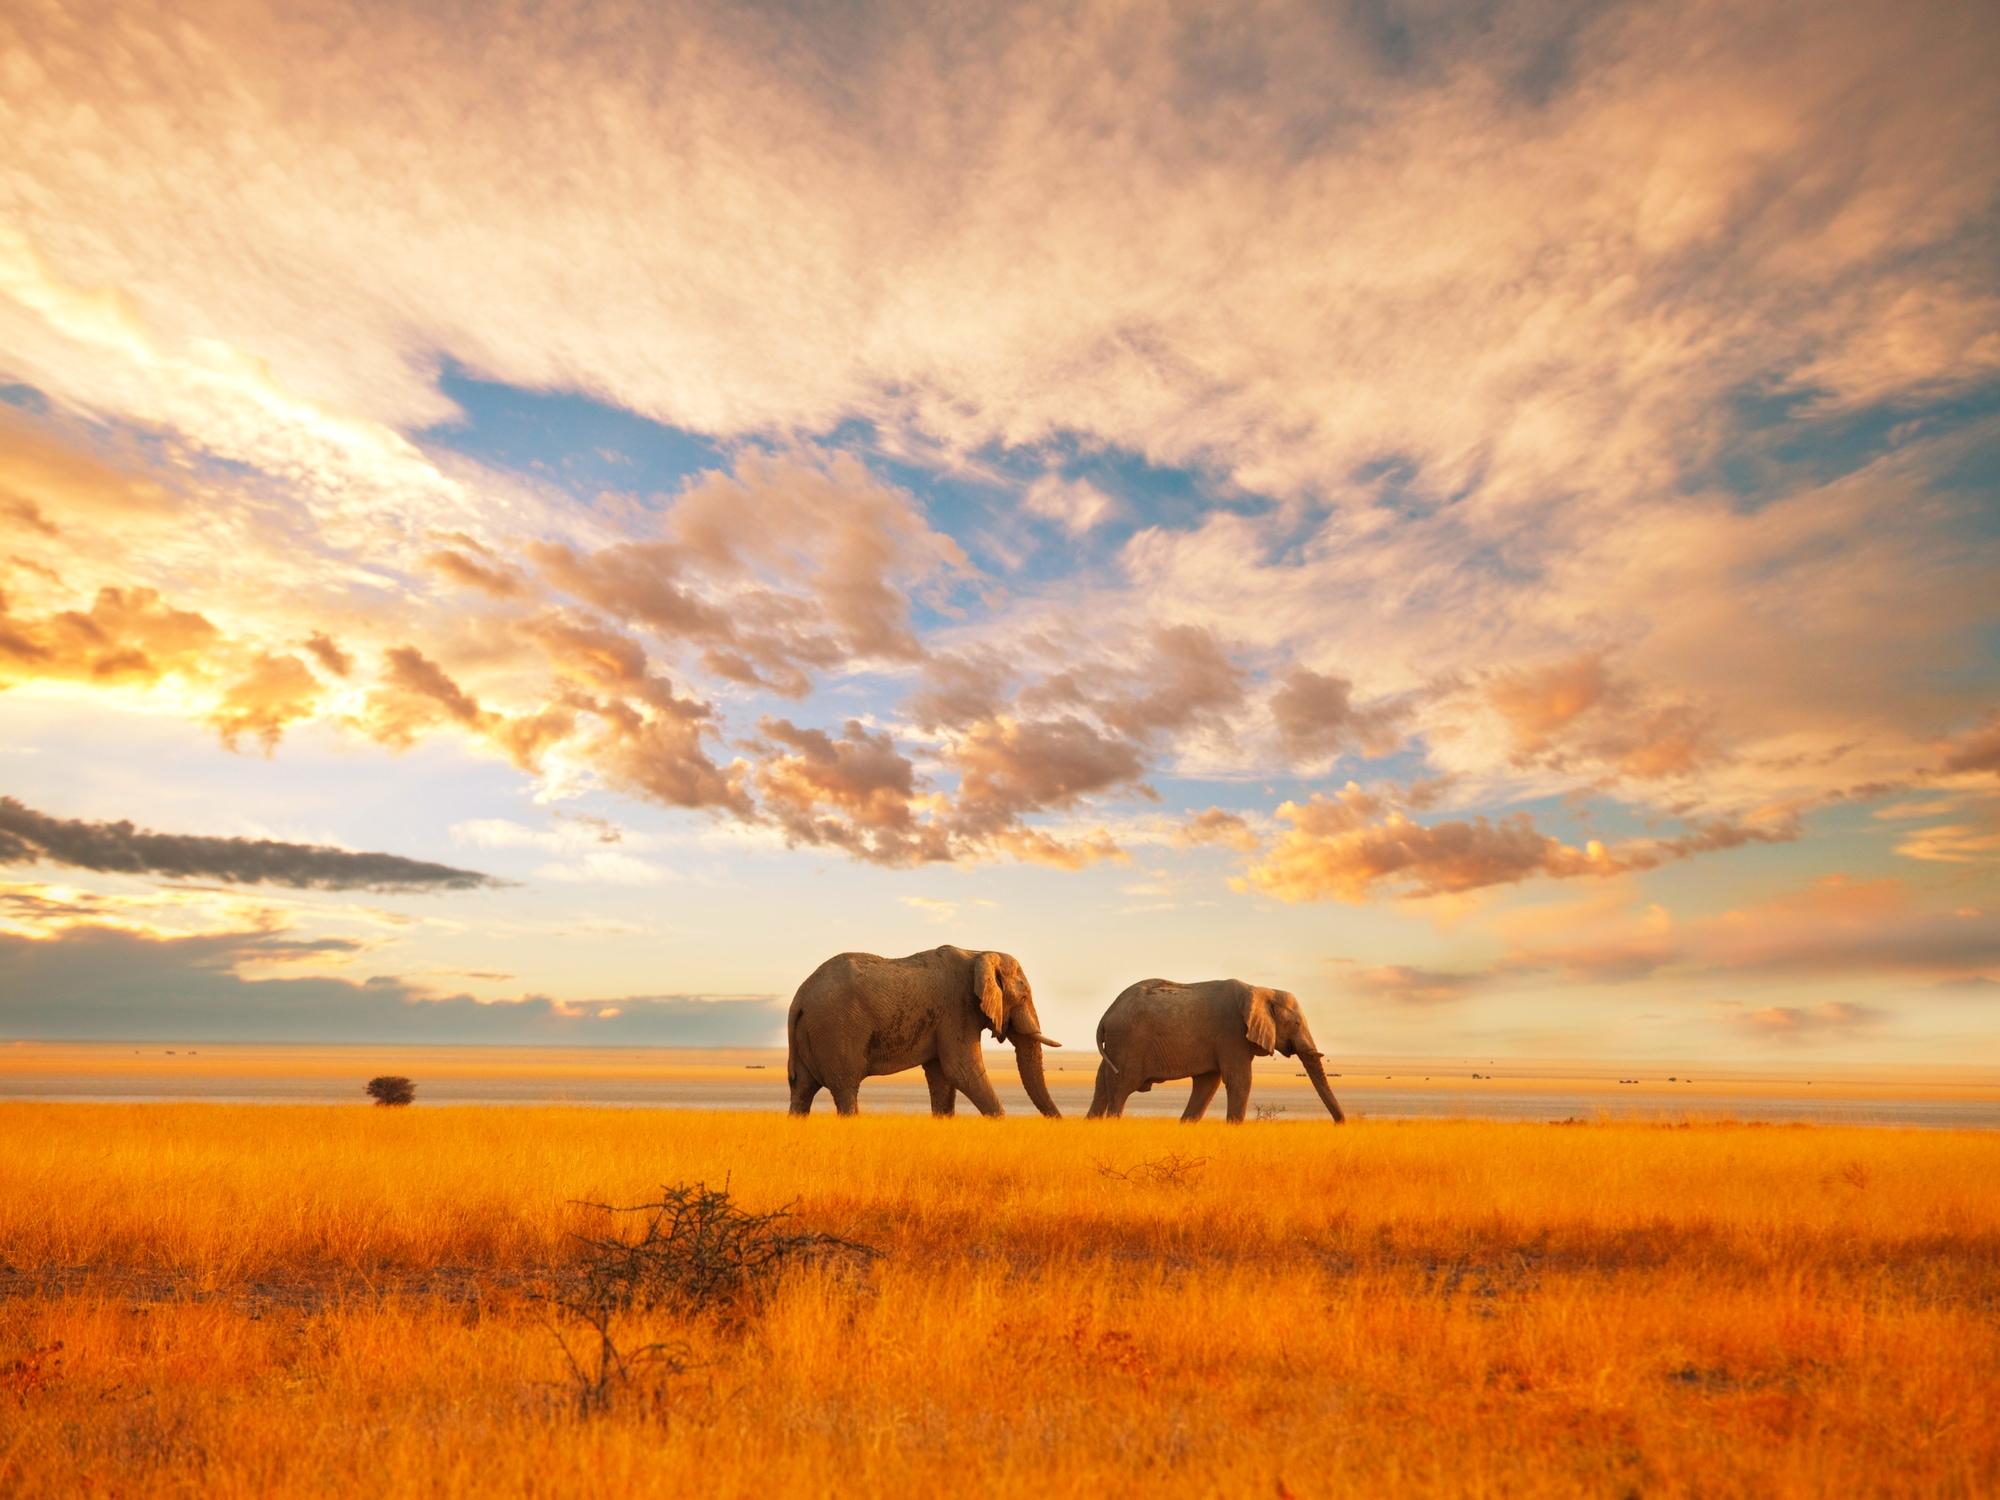 Voyage au Kenya, terre des Masais et des Big 5